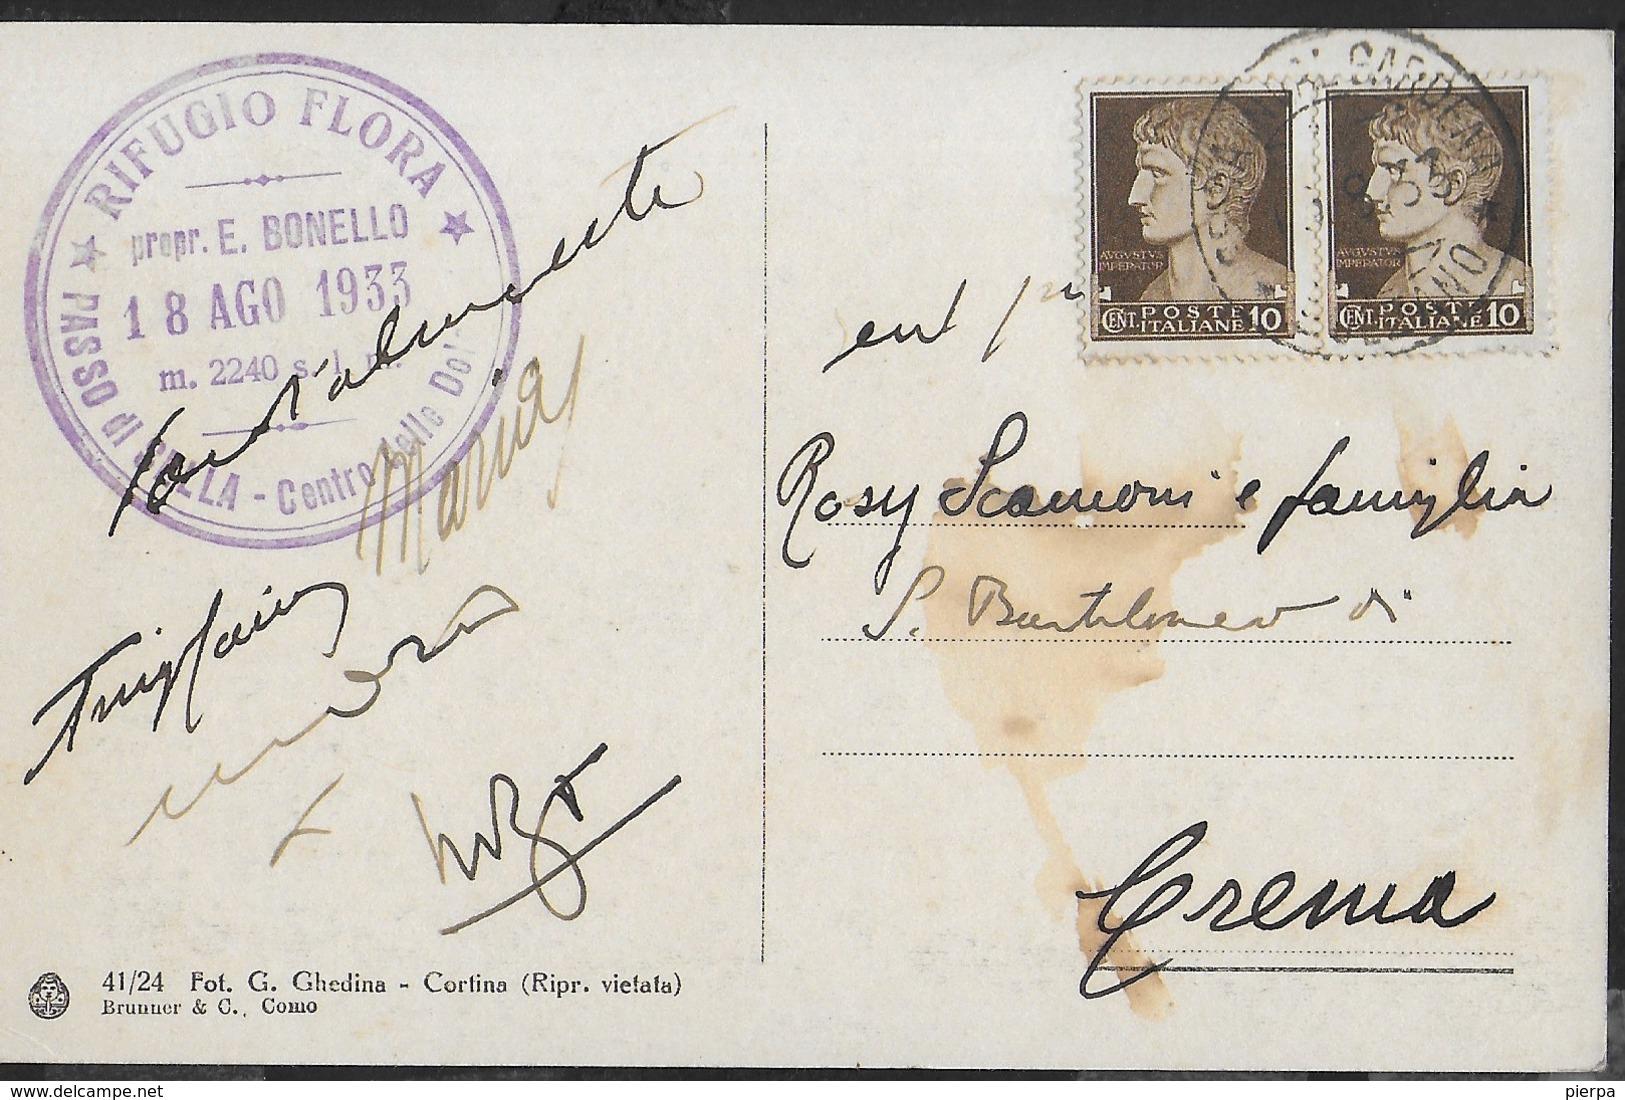 DOLOMITI - PASSO SELLA  E SASSOLUNGO - FORMATO PICCOLO - EDIZ. GHEDINA - TIMBRO RIFUGIO - VIAGGIATA 18.08.1933 - Alpinisme